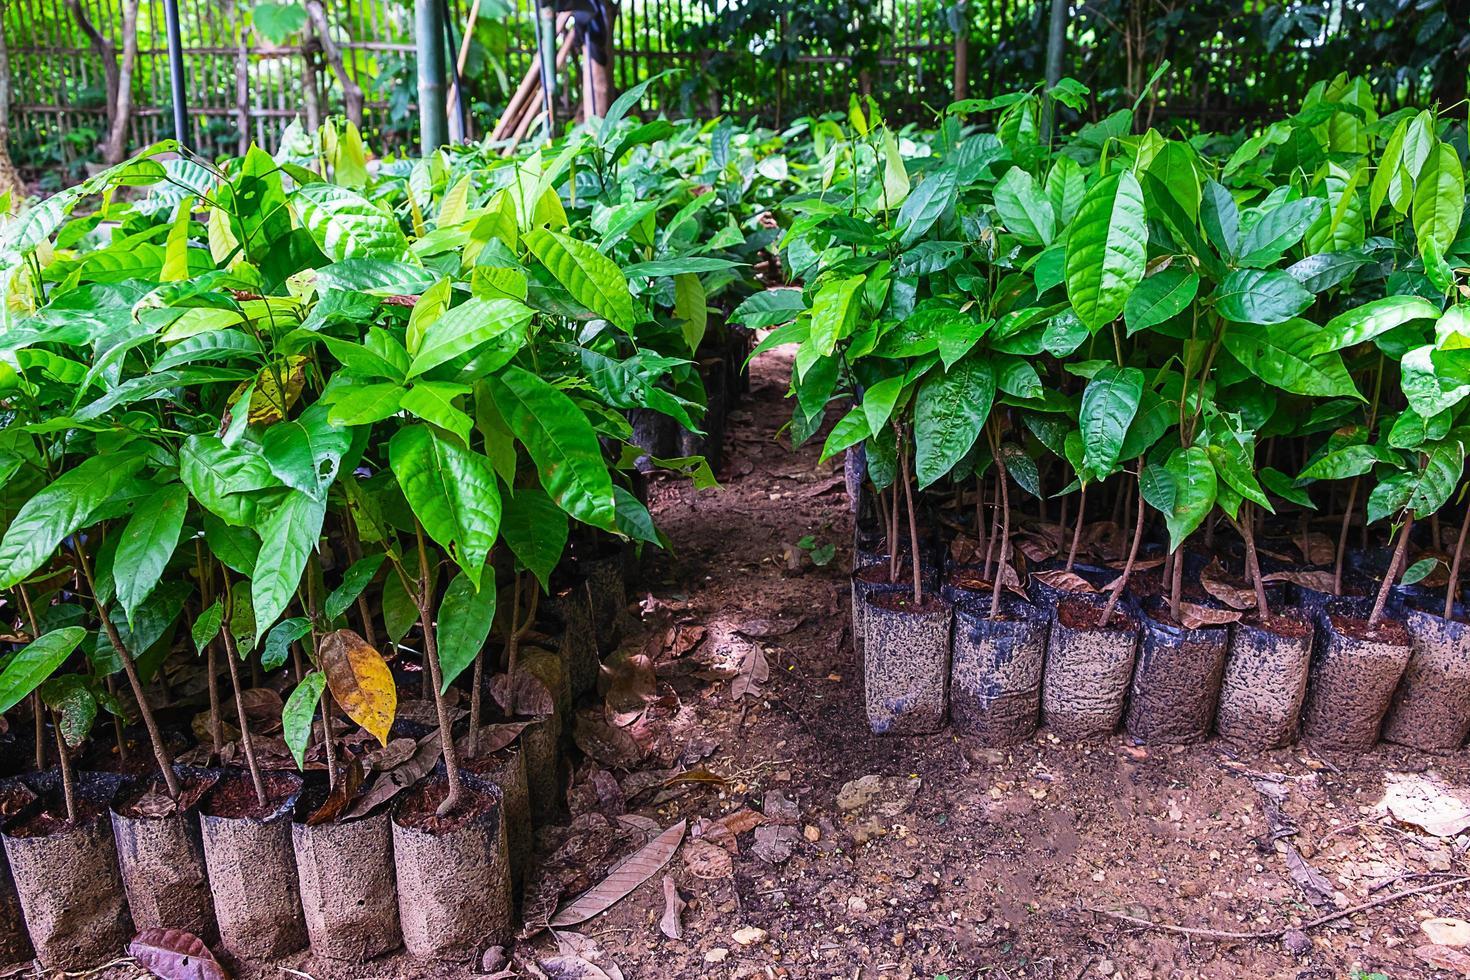 rader av krukväxter i en trädgård foto